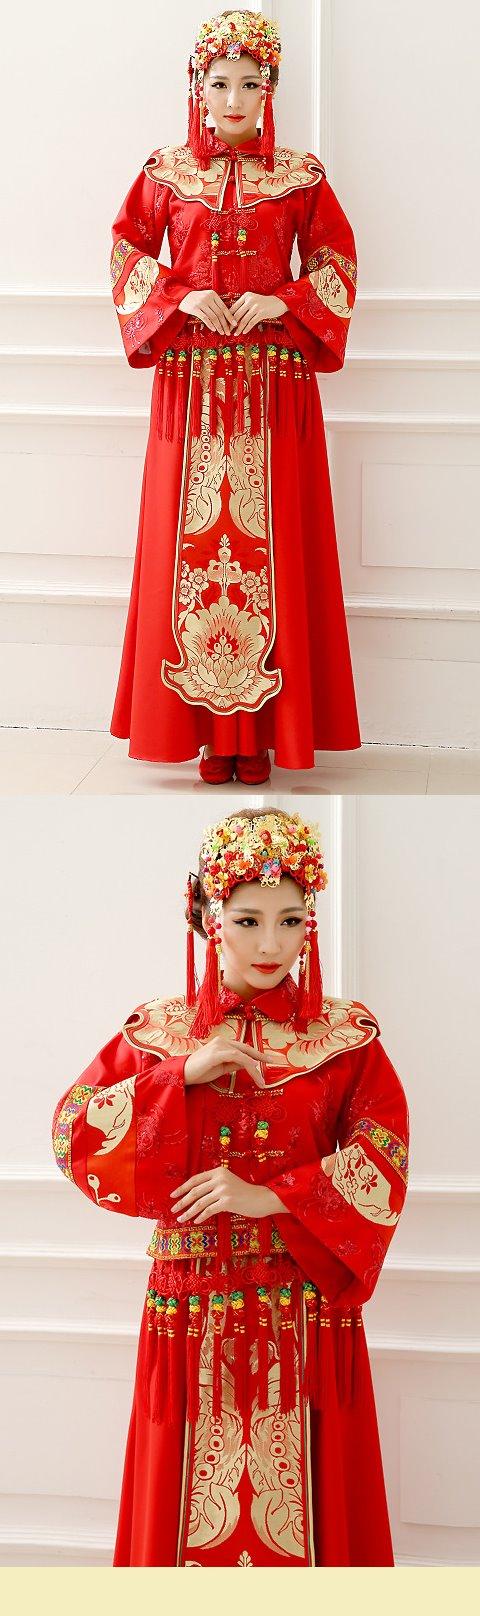 大紅新娘/晚會喜慶秀禾服